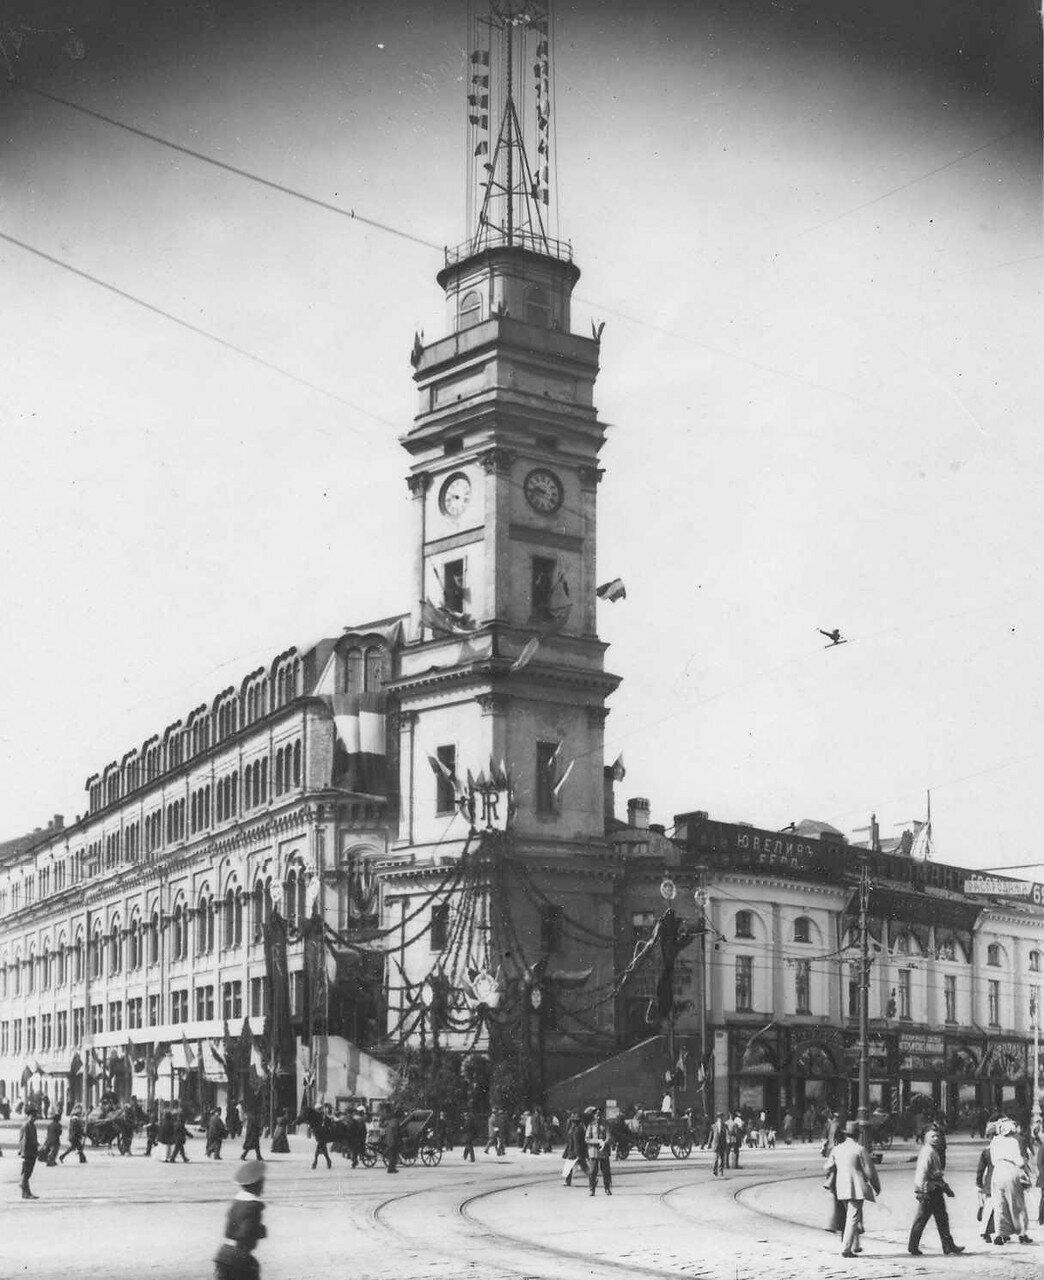 115. Здание Городской думы, украшенное в честь приезда Р.Пуанкаре